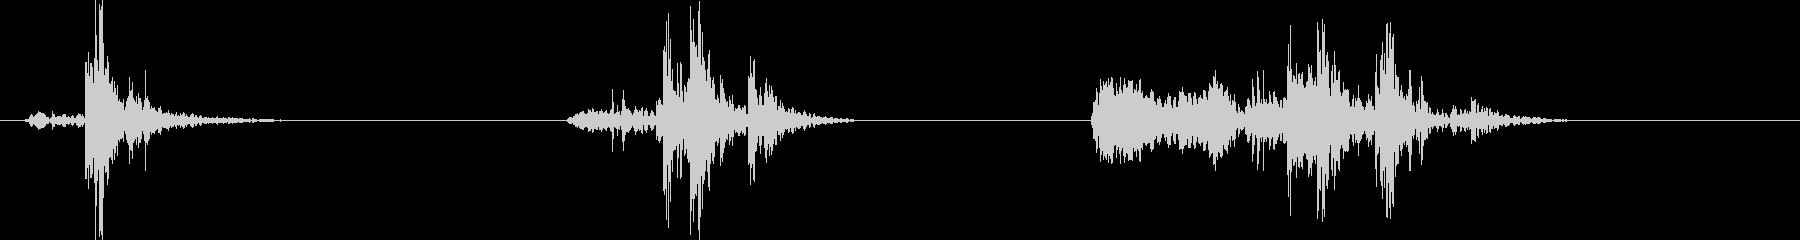 フレンチドア;ミディアムサイズクロ...の未再生の波形